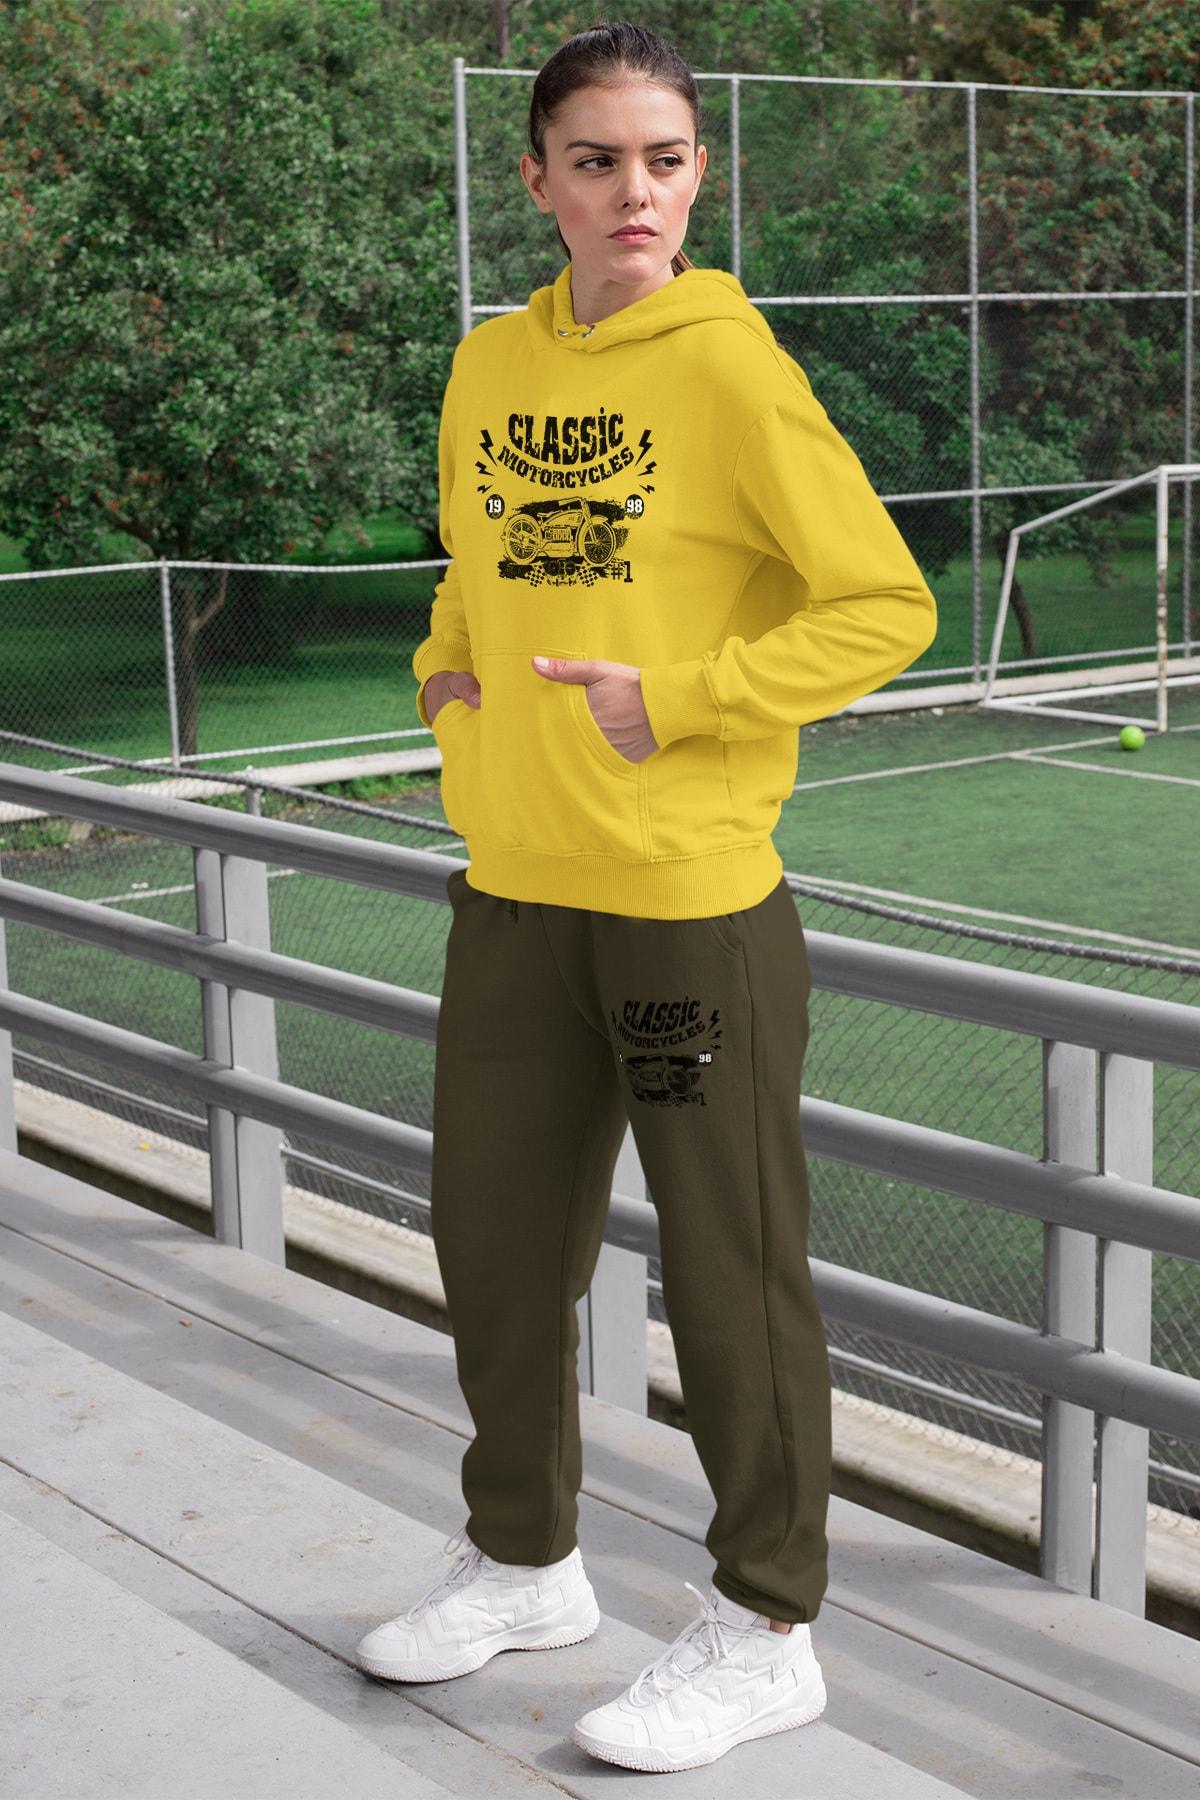 Wear Motorcycles Kadın Eşofman Takımı Sarı Kapşonlu Sweatshirt Yeşil Eşofman Altı